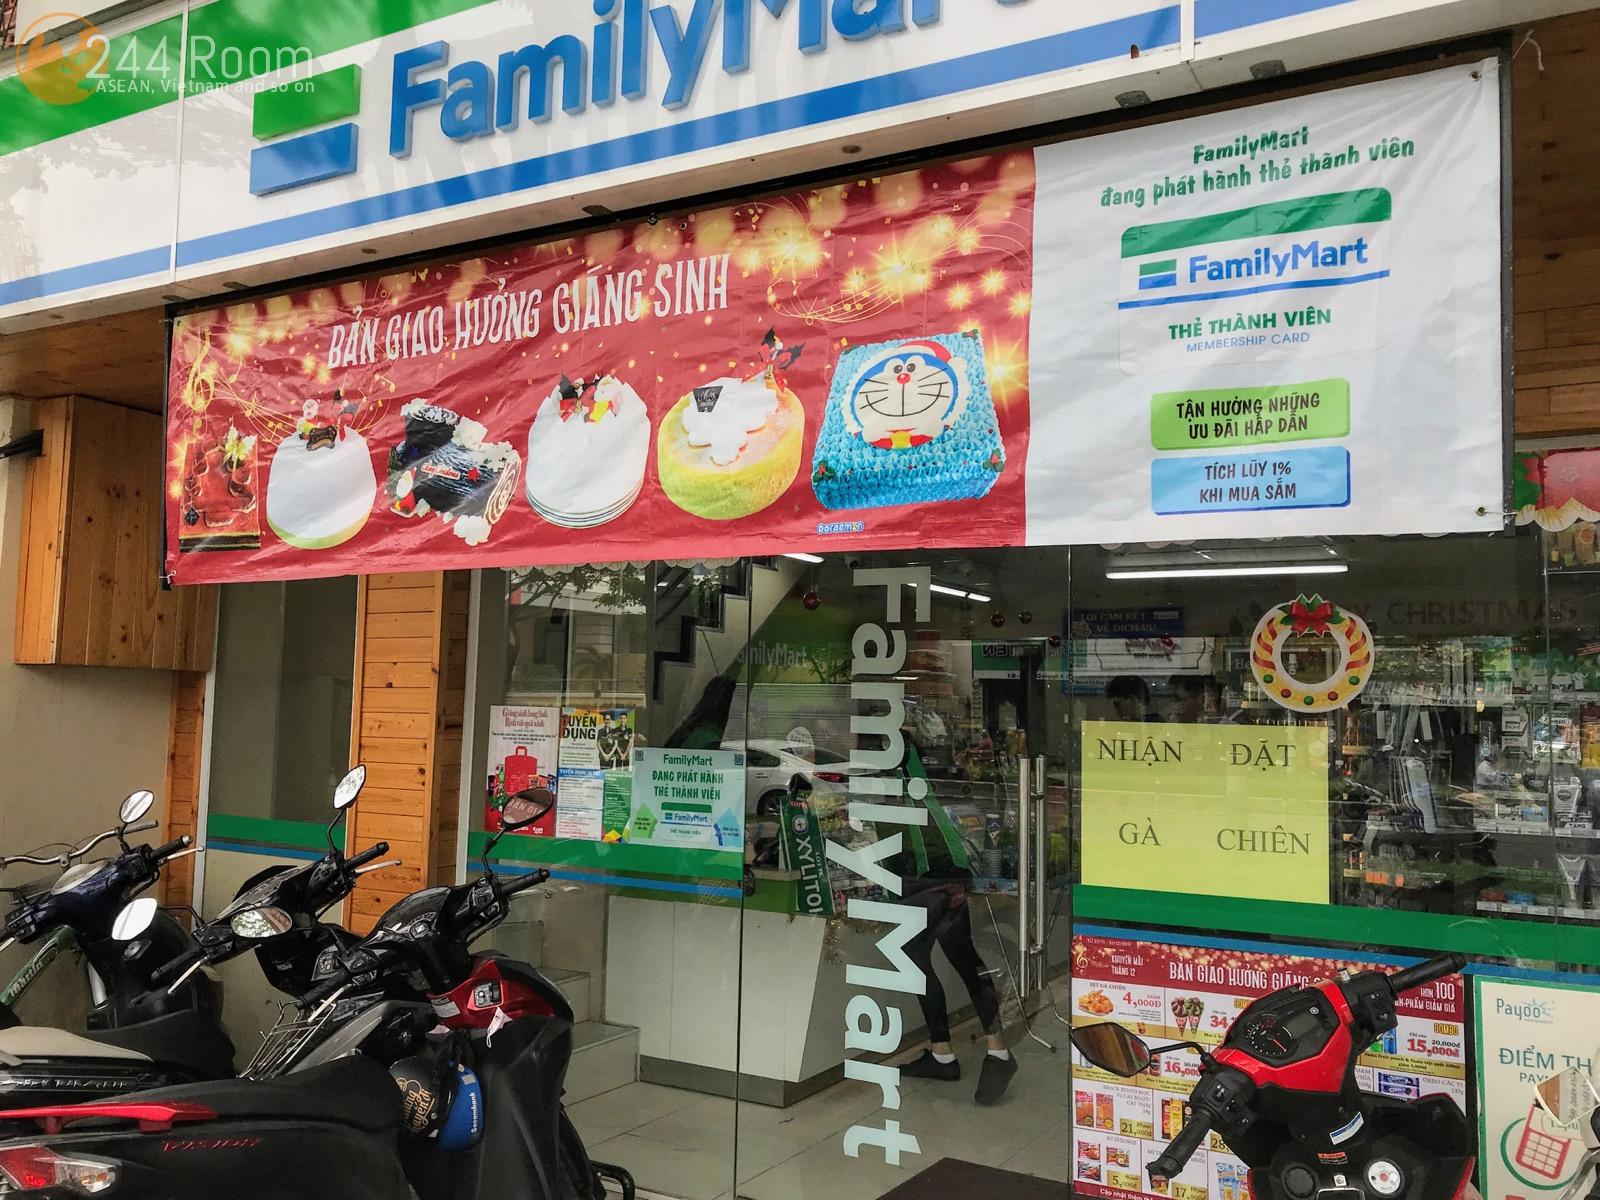 Vietnam familymart